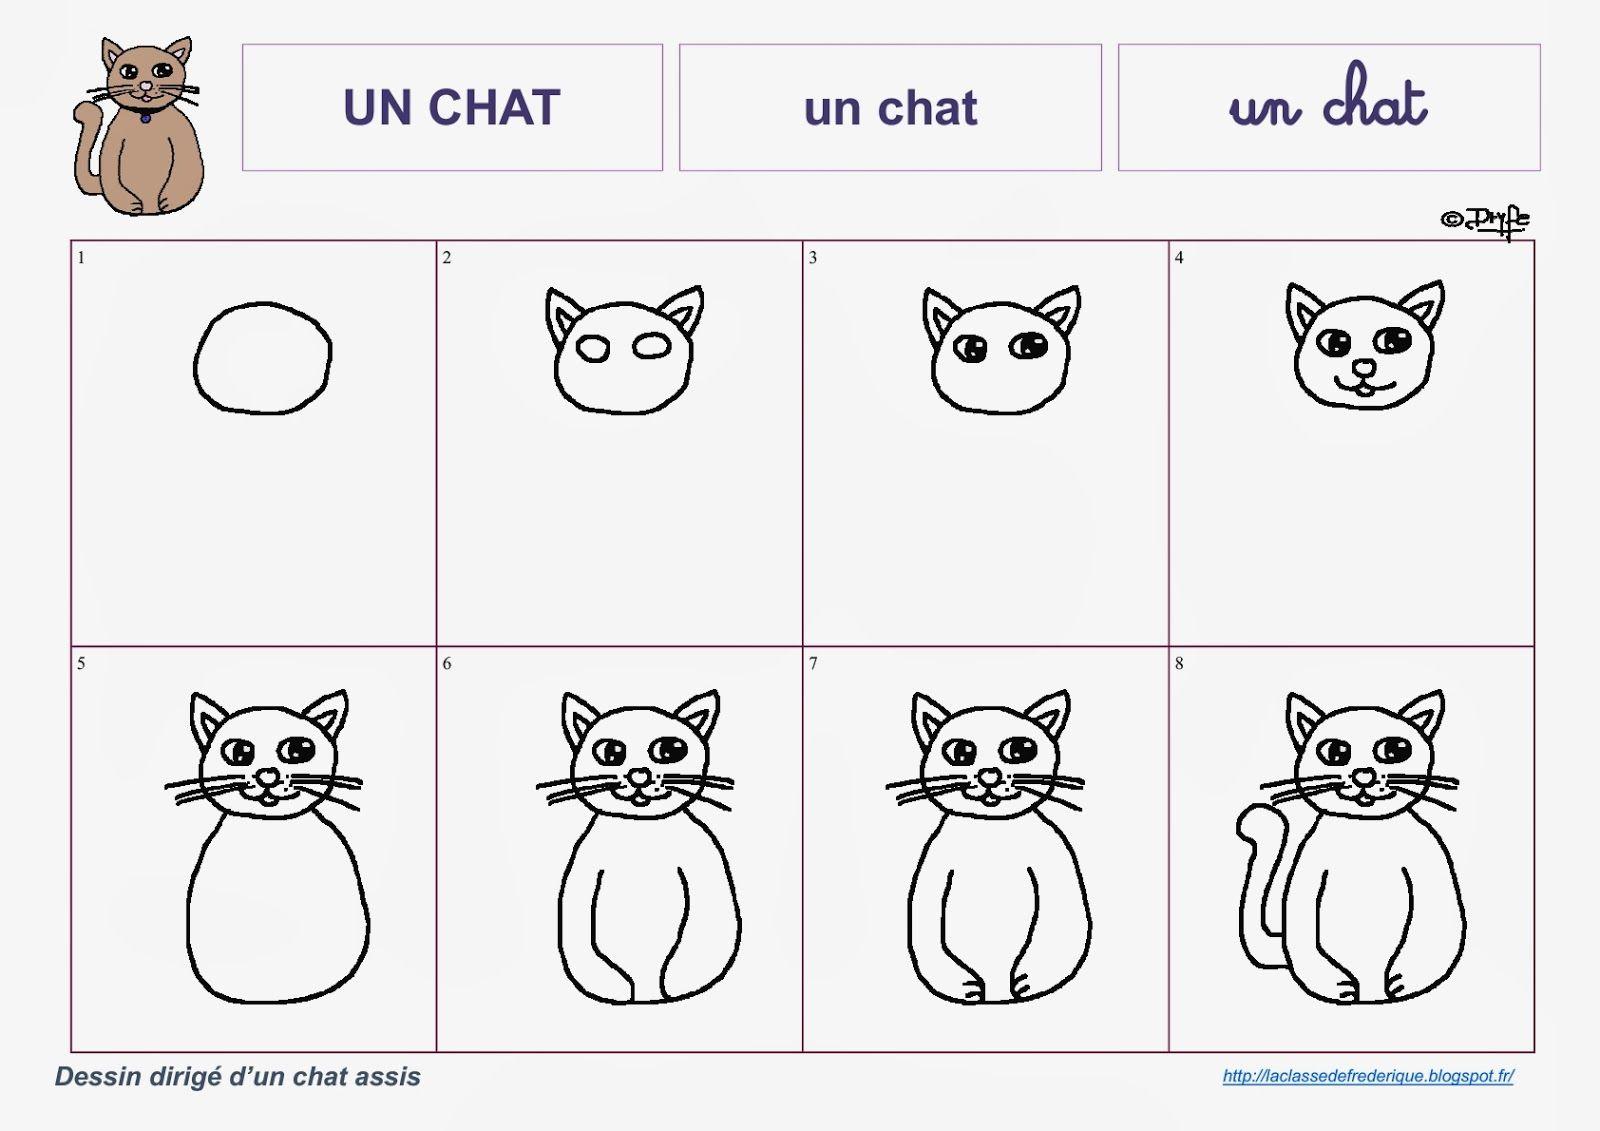 Dessins dirigés   Apprendre à dessiner un chat, Dessin, Chat maternelle